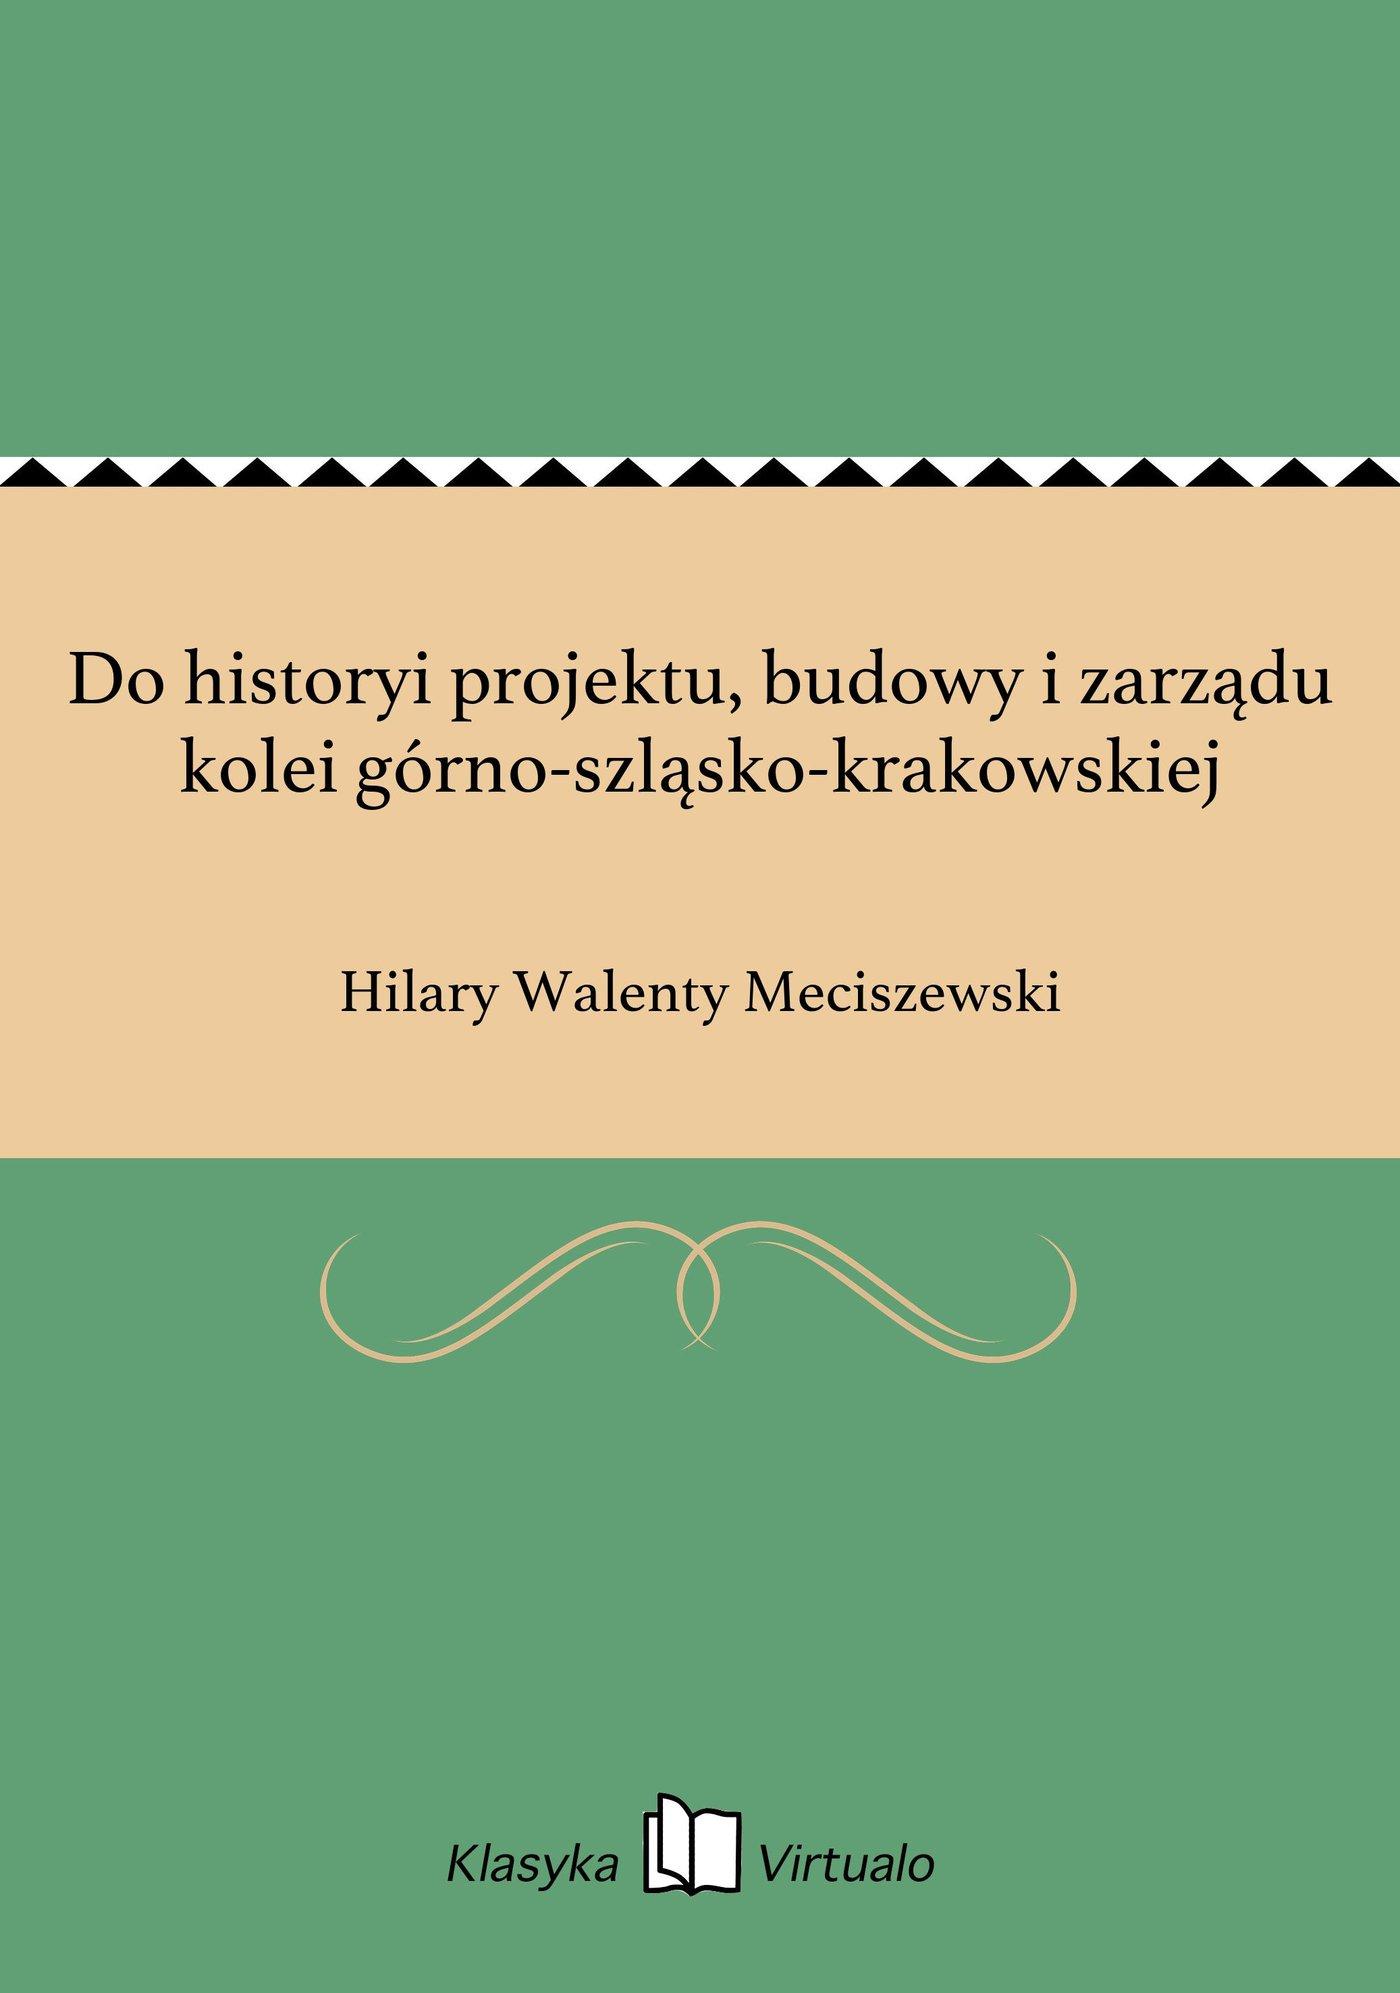 Do historyi projektu, budowy i zarządu kolei górno-szląsko-krakowskiej - Ebook (Książka EPUB) do pobrania w formacie EPUB